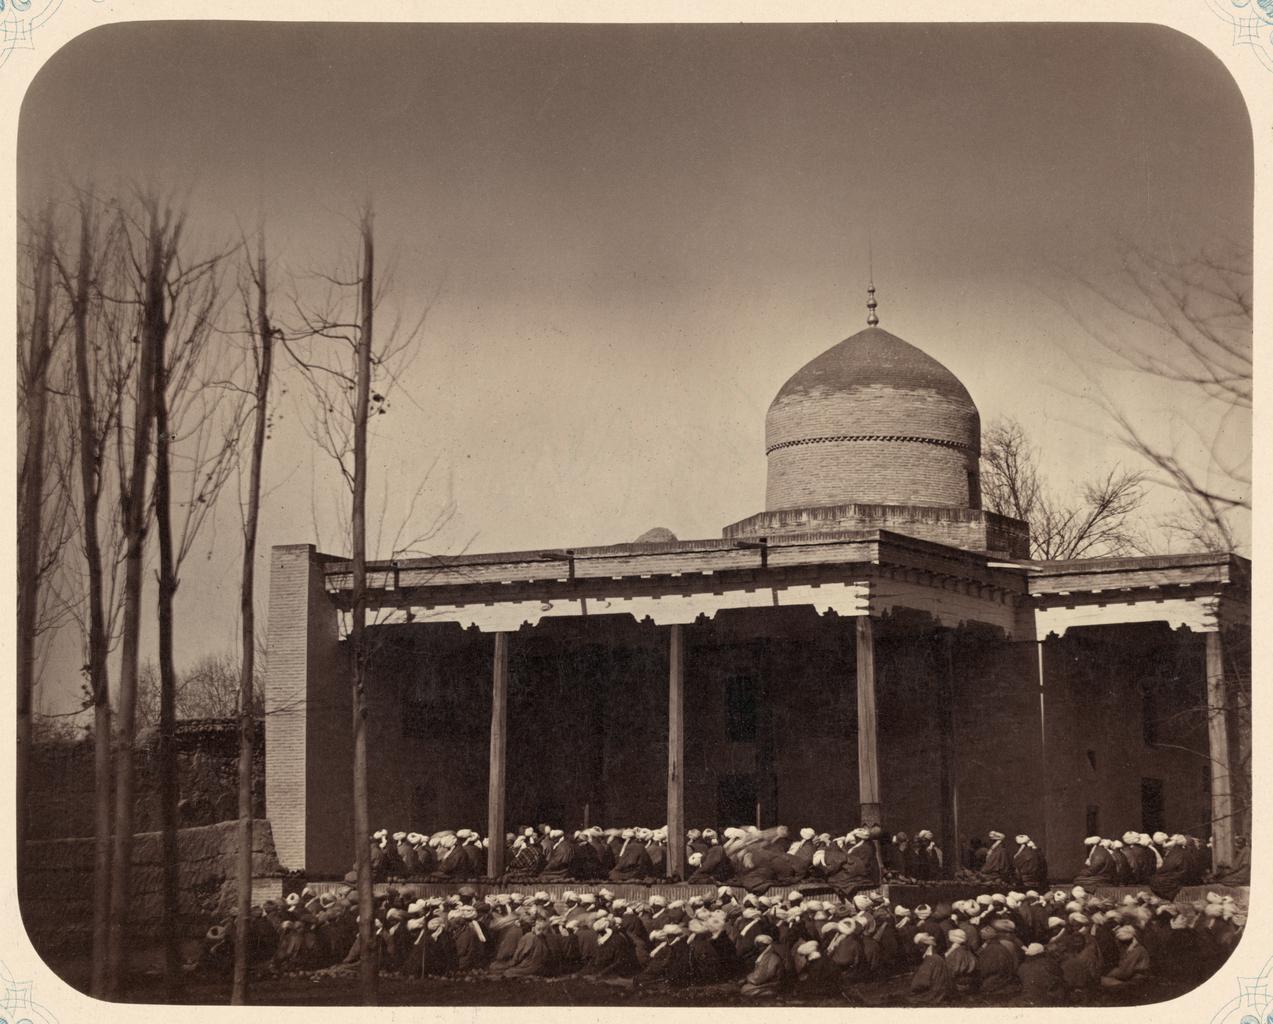 Общая молитва в годовые праздники и должностные лица при мечети. Общая молитва в праздник Курбан-байрама в Ташкенте